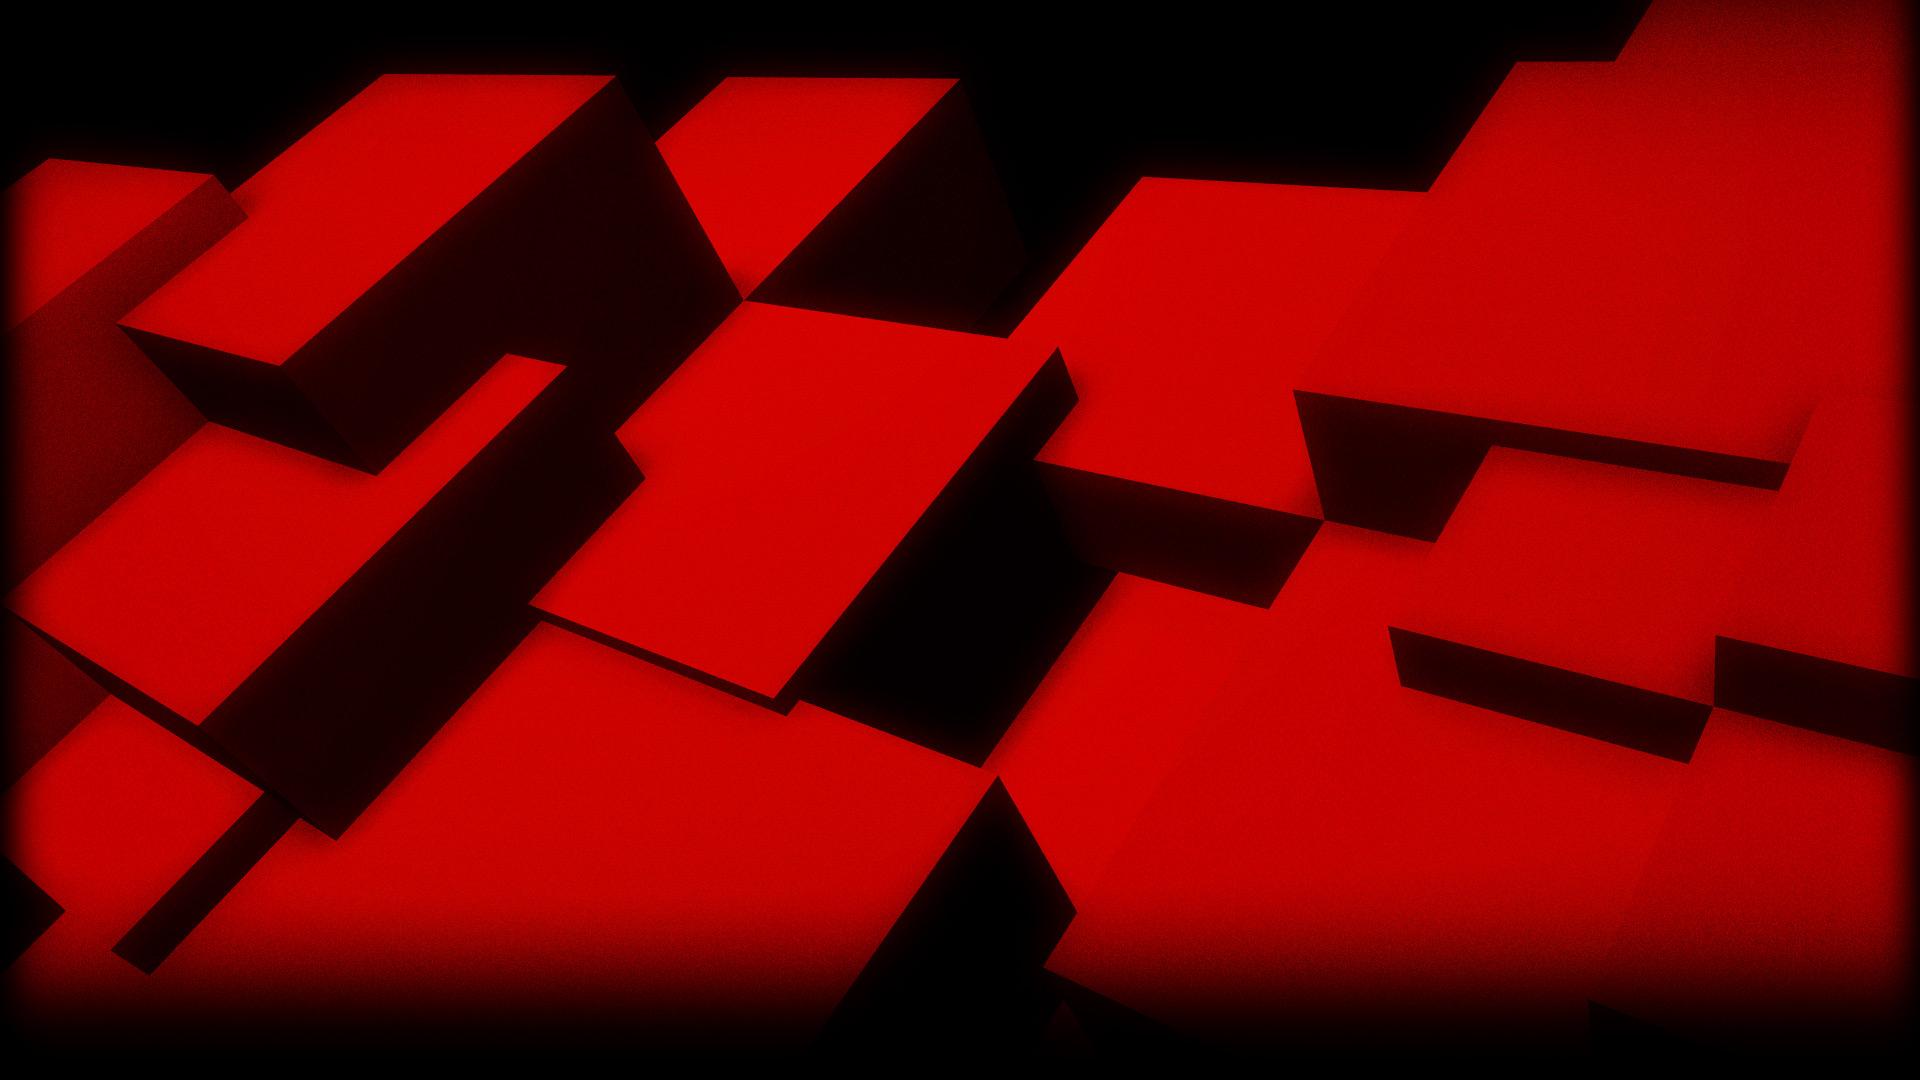 красные фоны стим одной веточек ёлки